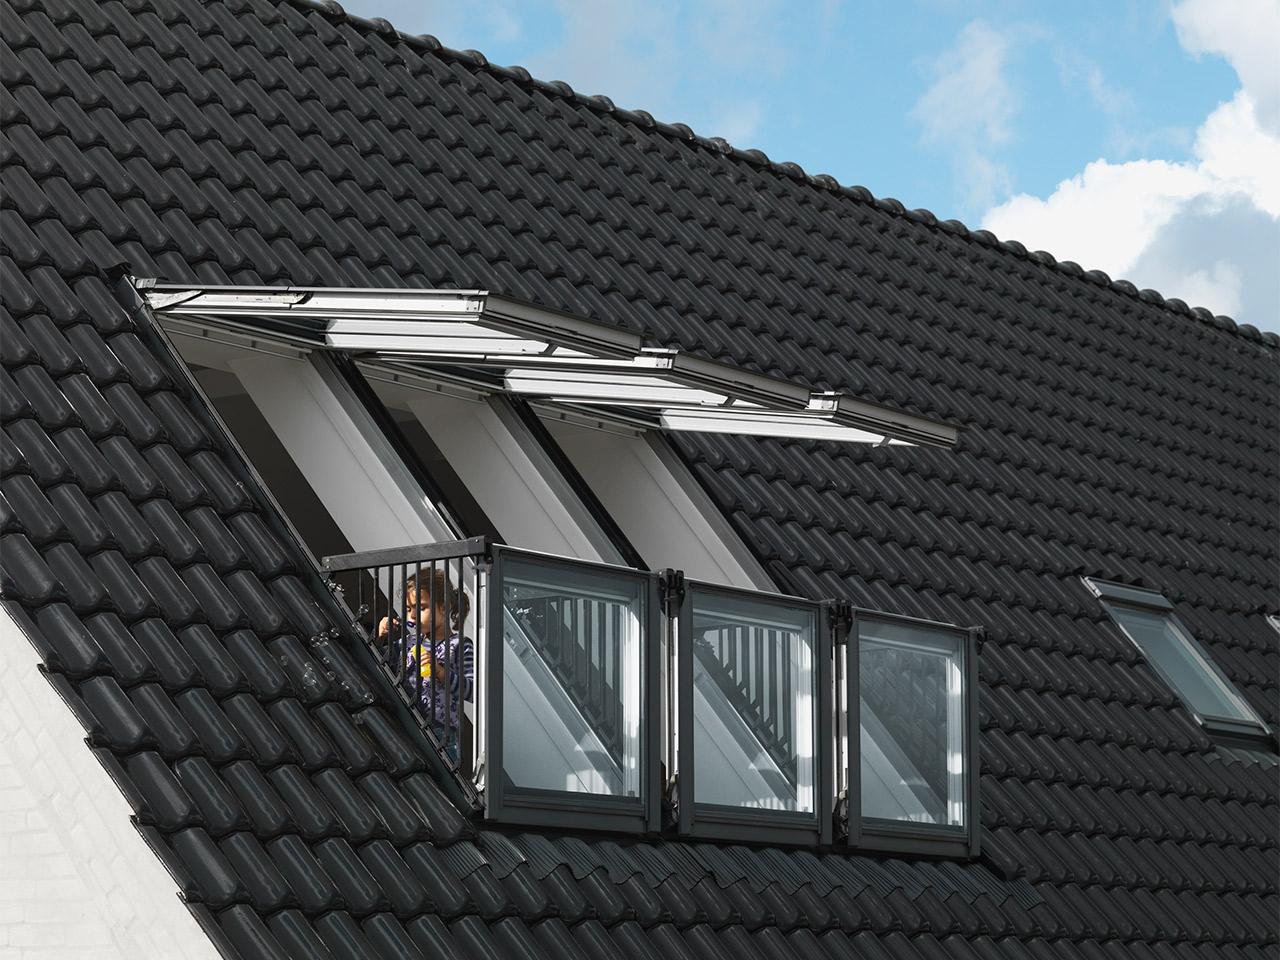 Full Size of Velux Fenster Kaufen Velucabrio Vom Dachfenster Zum Dachaustritt Bremen Jalousie Einbruchsicherung Neue Einbauen Tauschen Preisvergleich Plissee Kosten Fenster Velux Fenster Kaufen